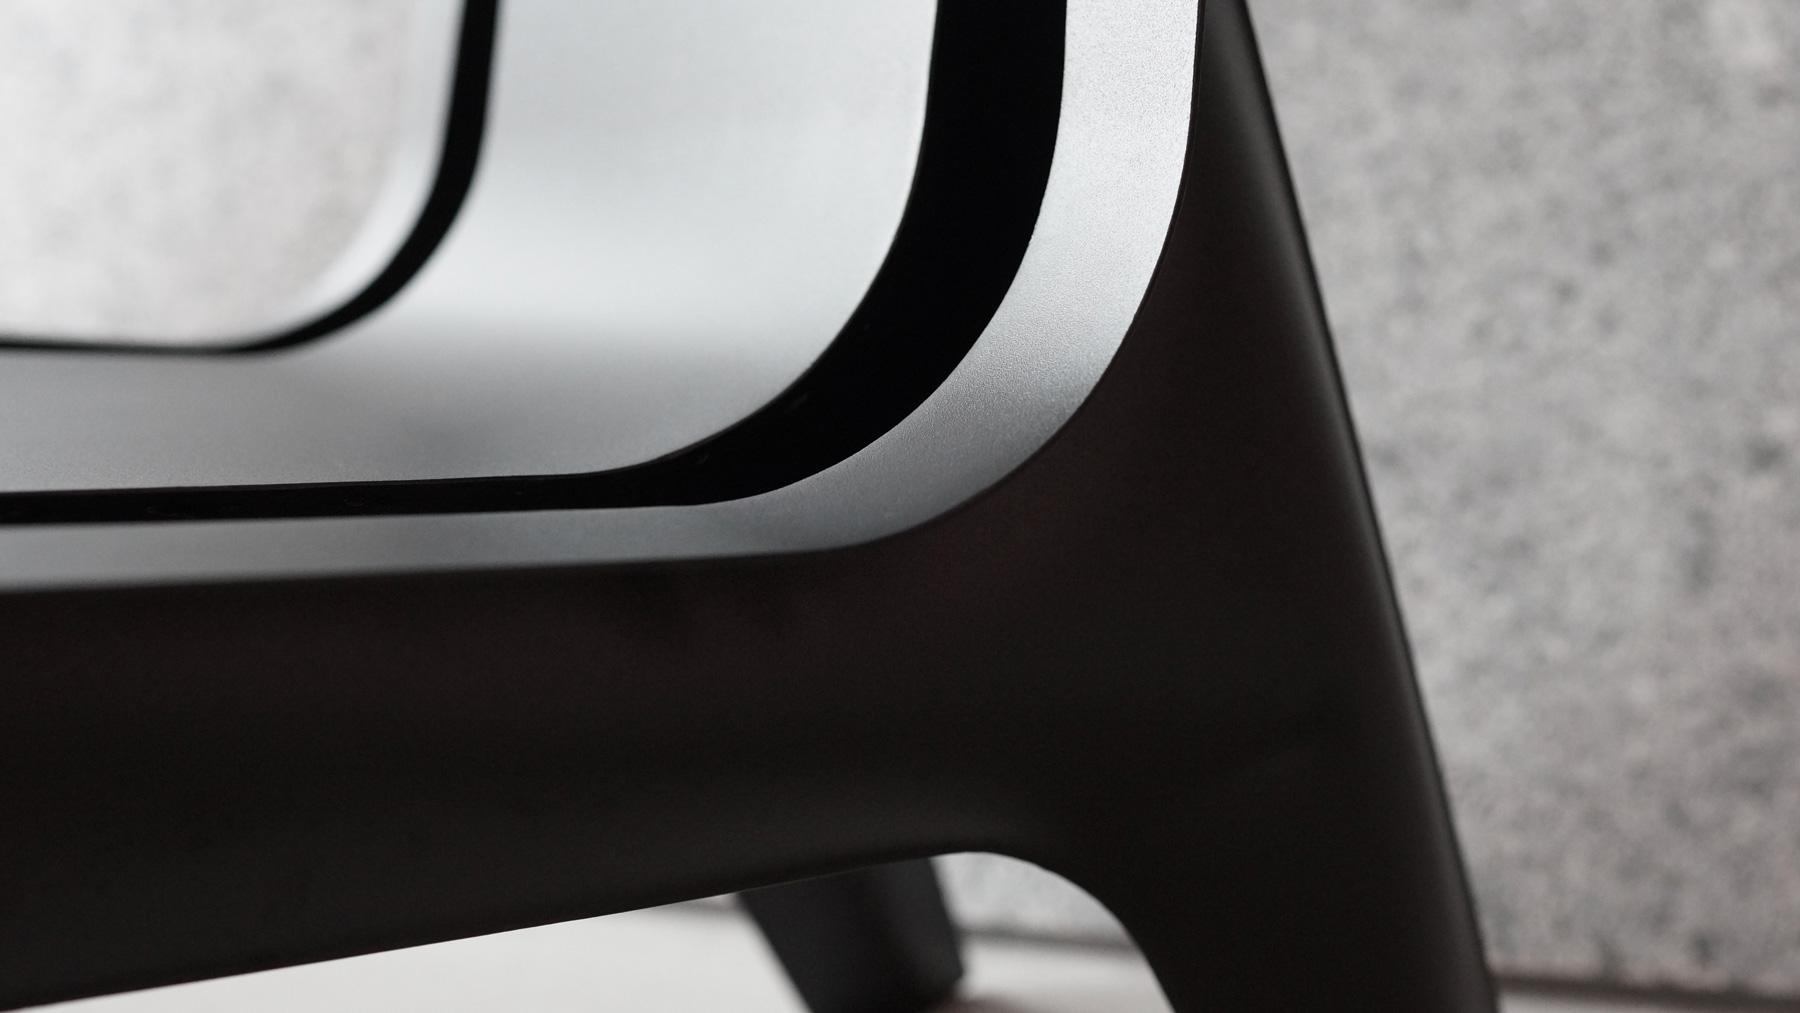 J-Chair